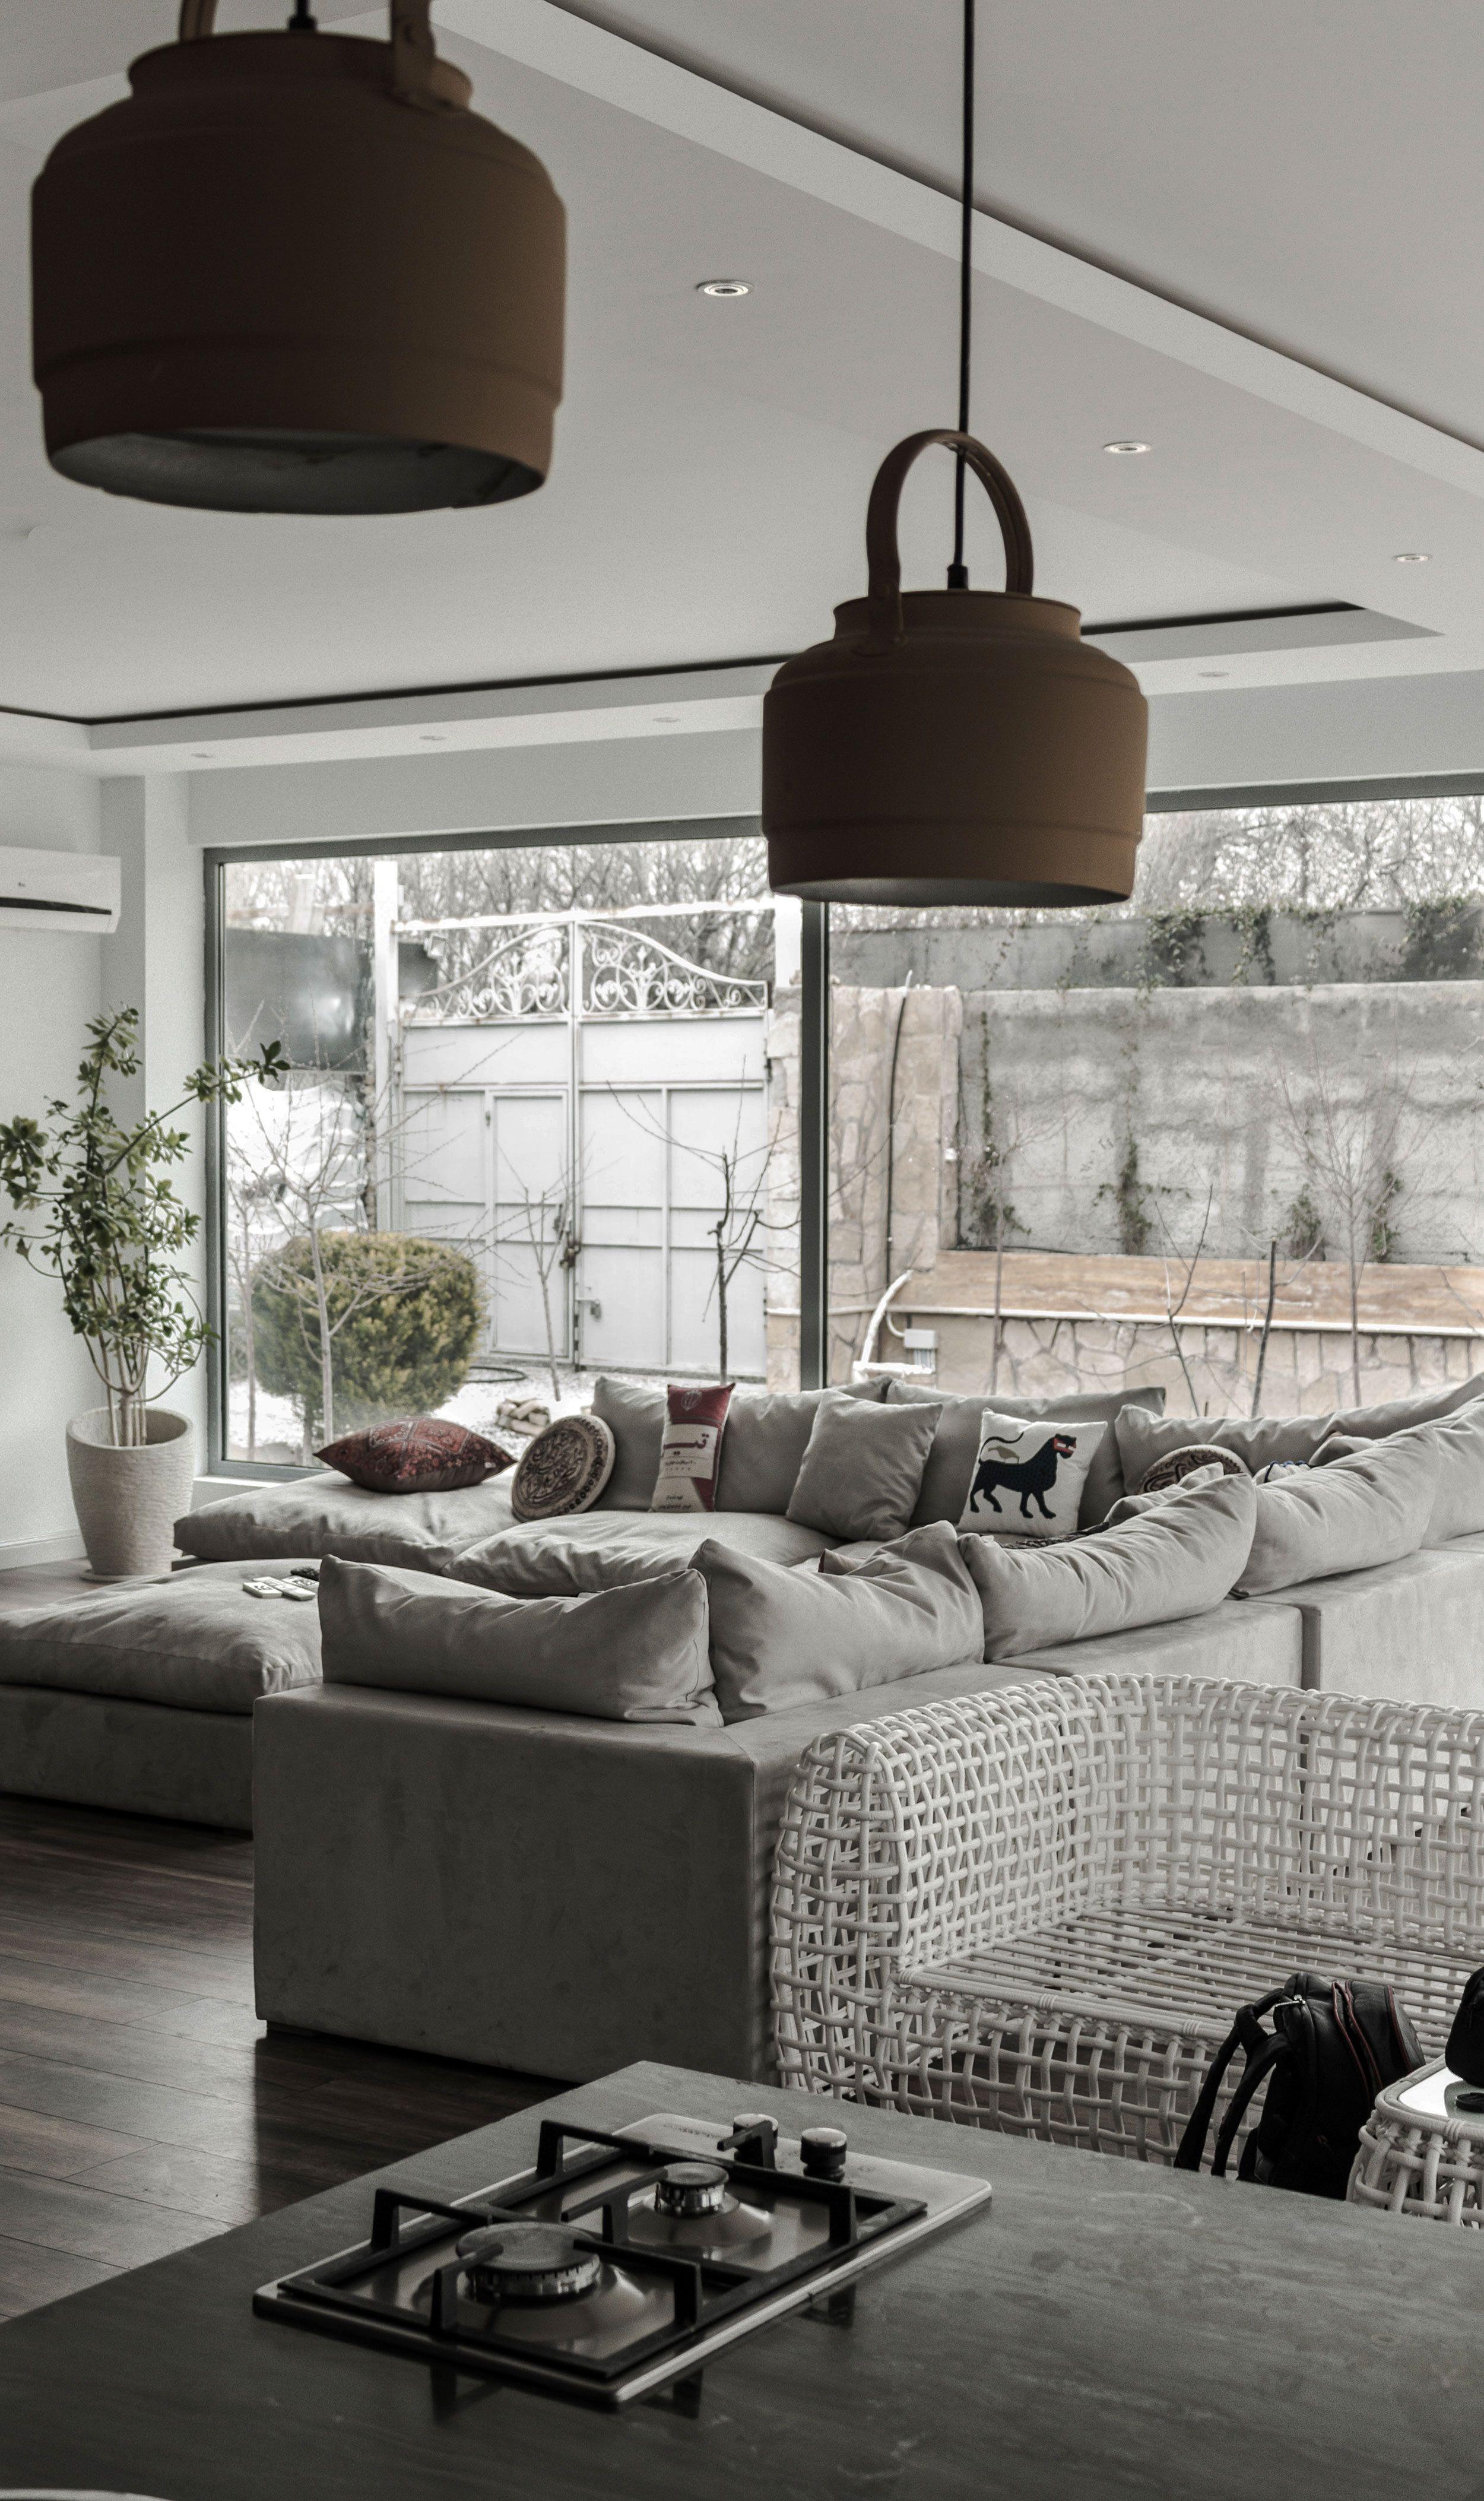 Graue Mobel Im Wohnzimmer In 2020 Wohnzimmer Dekor Modern Wohnzimmer Grau Wohnzimmer Design